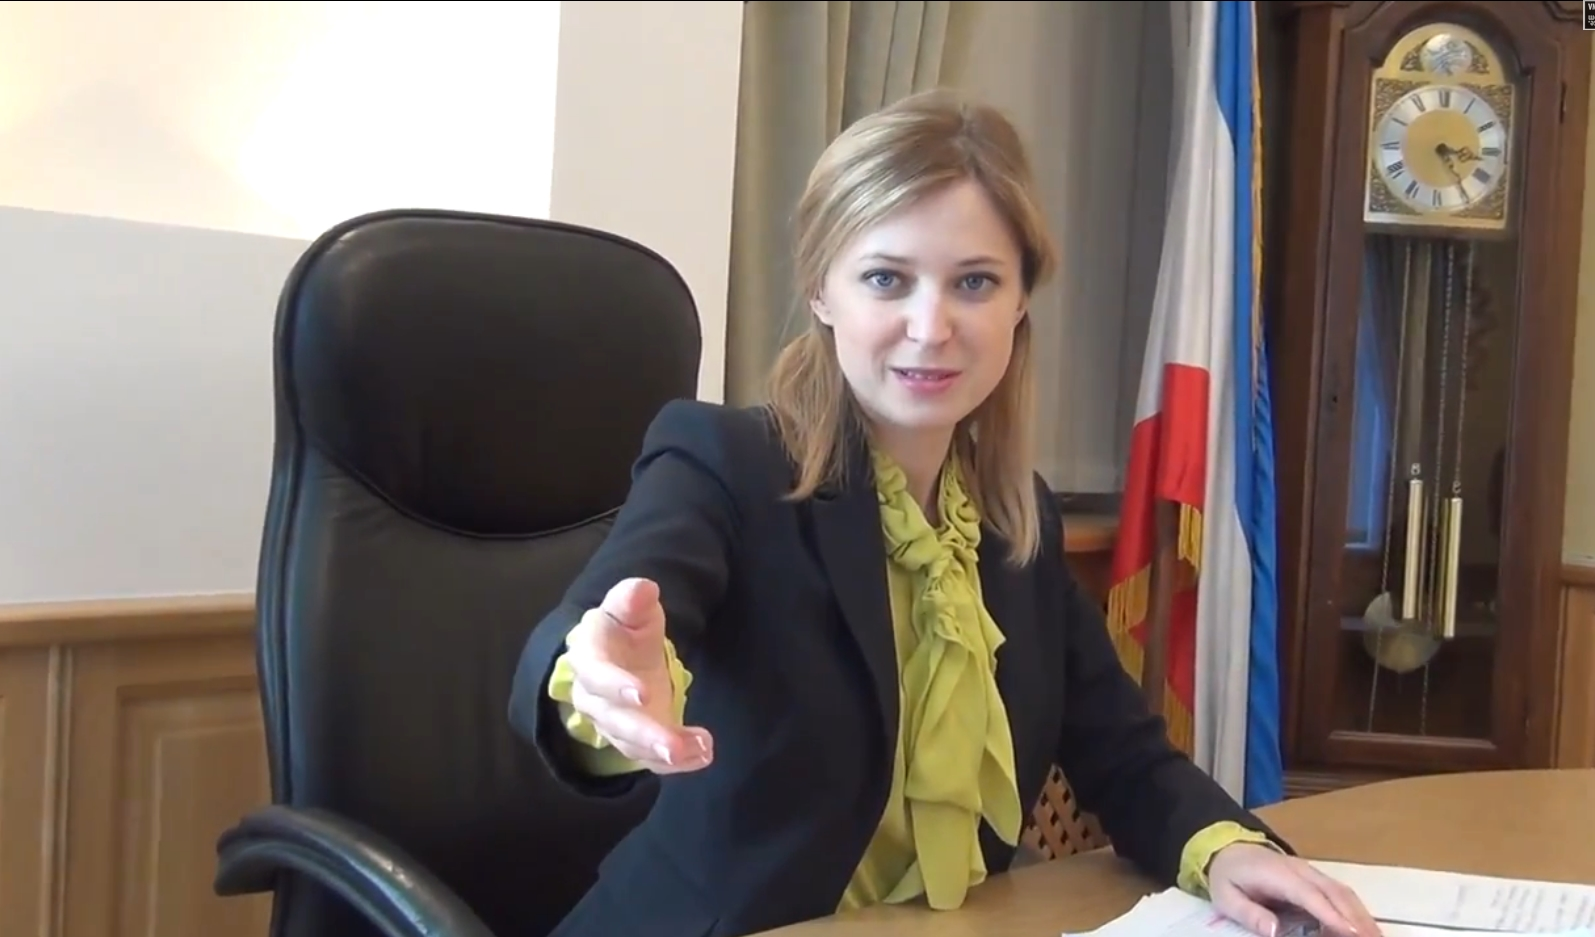 Прокурор наташа секси, Подборка фотографий Натальи Поклонской (40 фото) 11 фотография